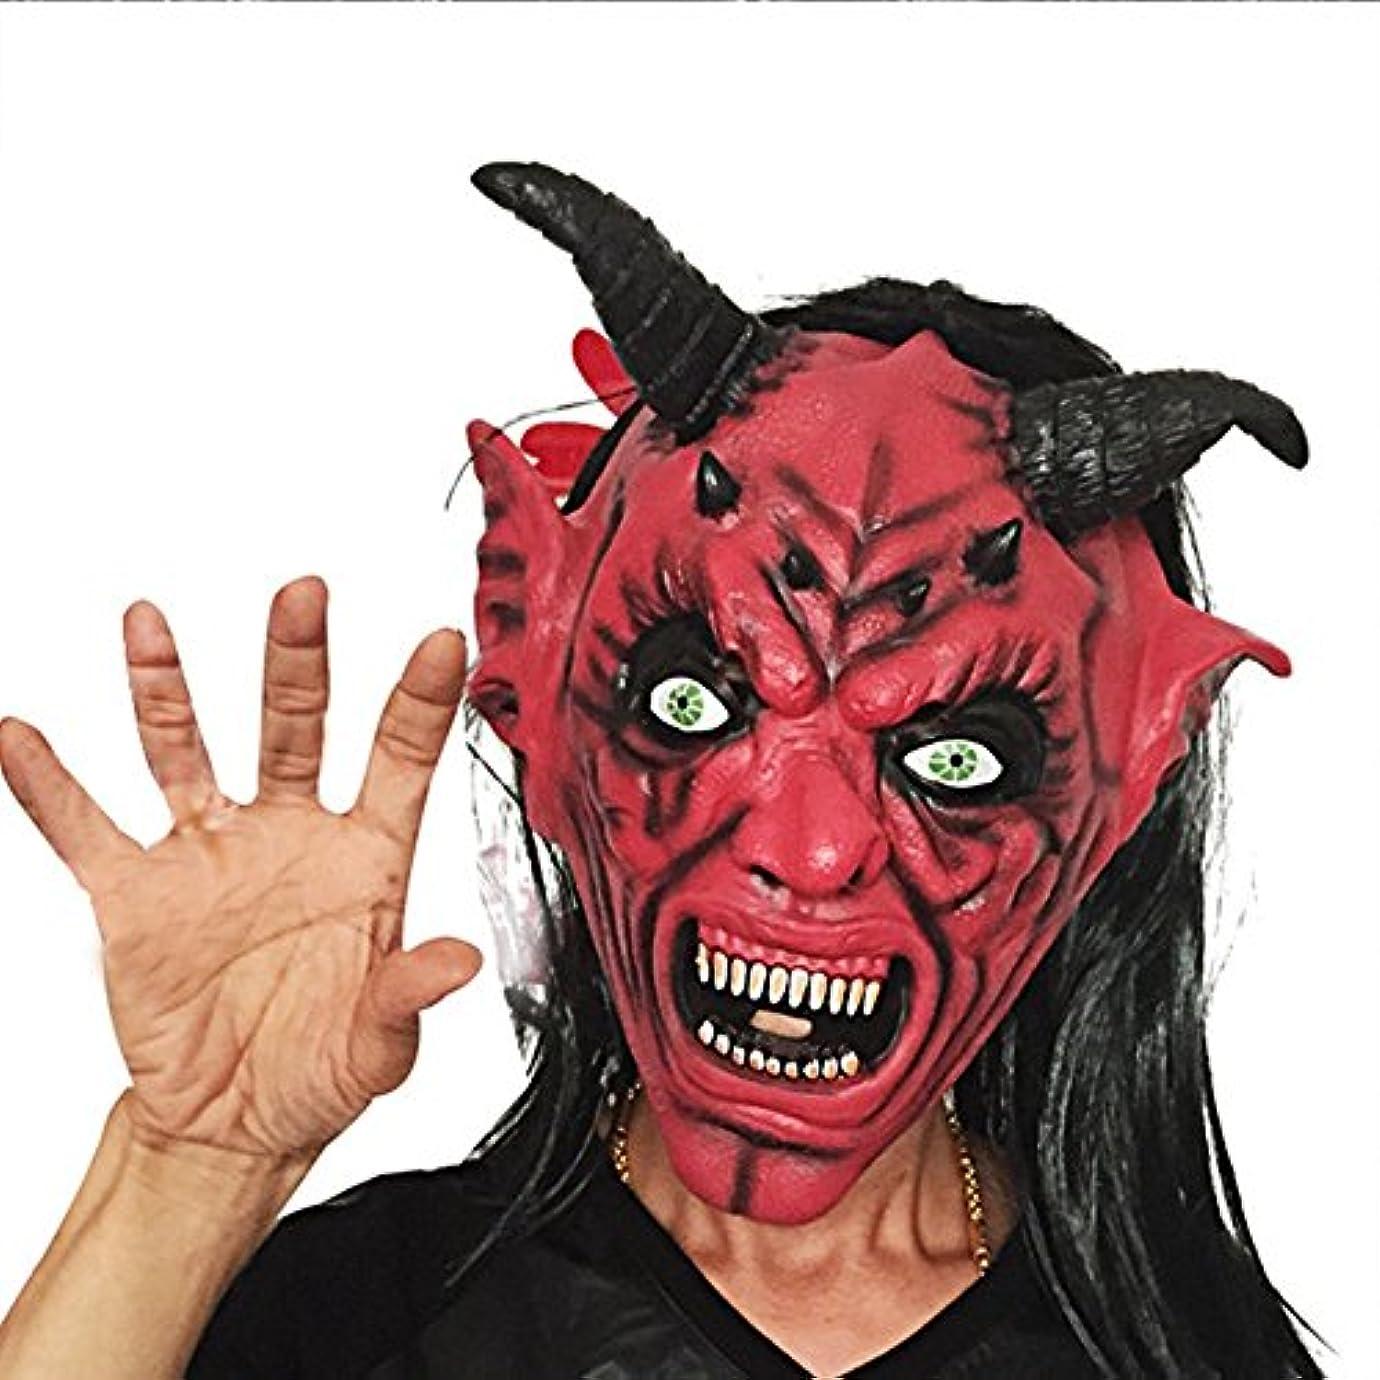 スクラップ神学校モニターハロウィンロングヘアレッドフェイスホーンマスクカーニバルバー怖い悪魔怖いセットレッドフェイスブラックマスク